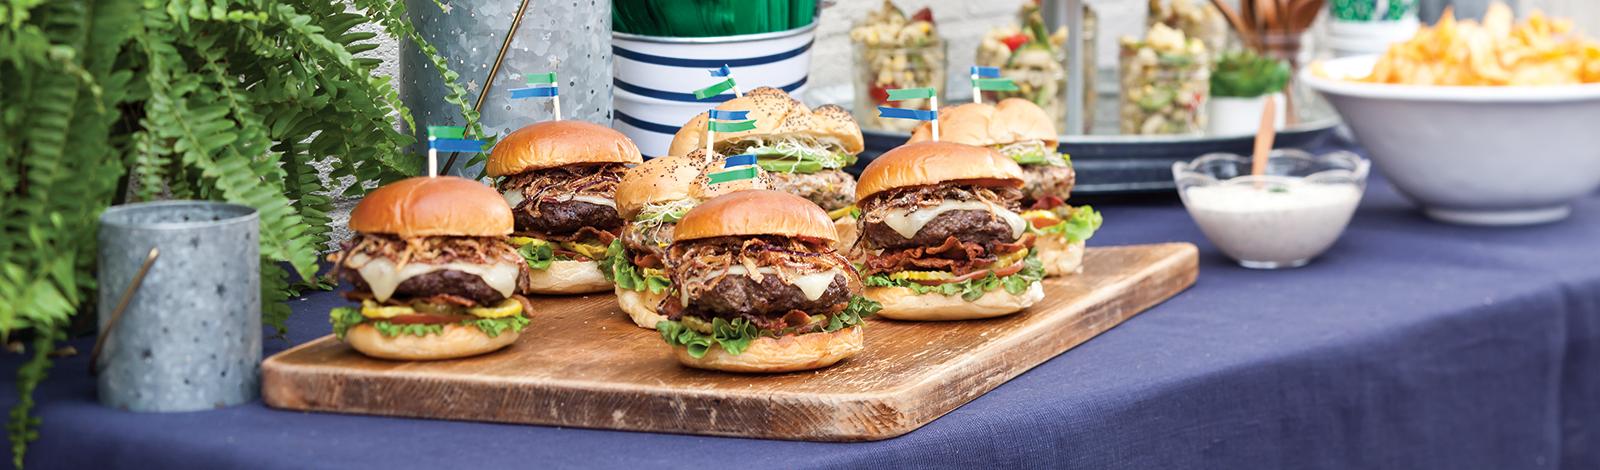 Burgers_Celebrate